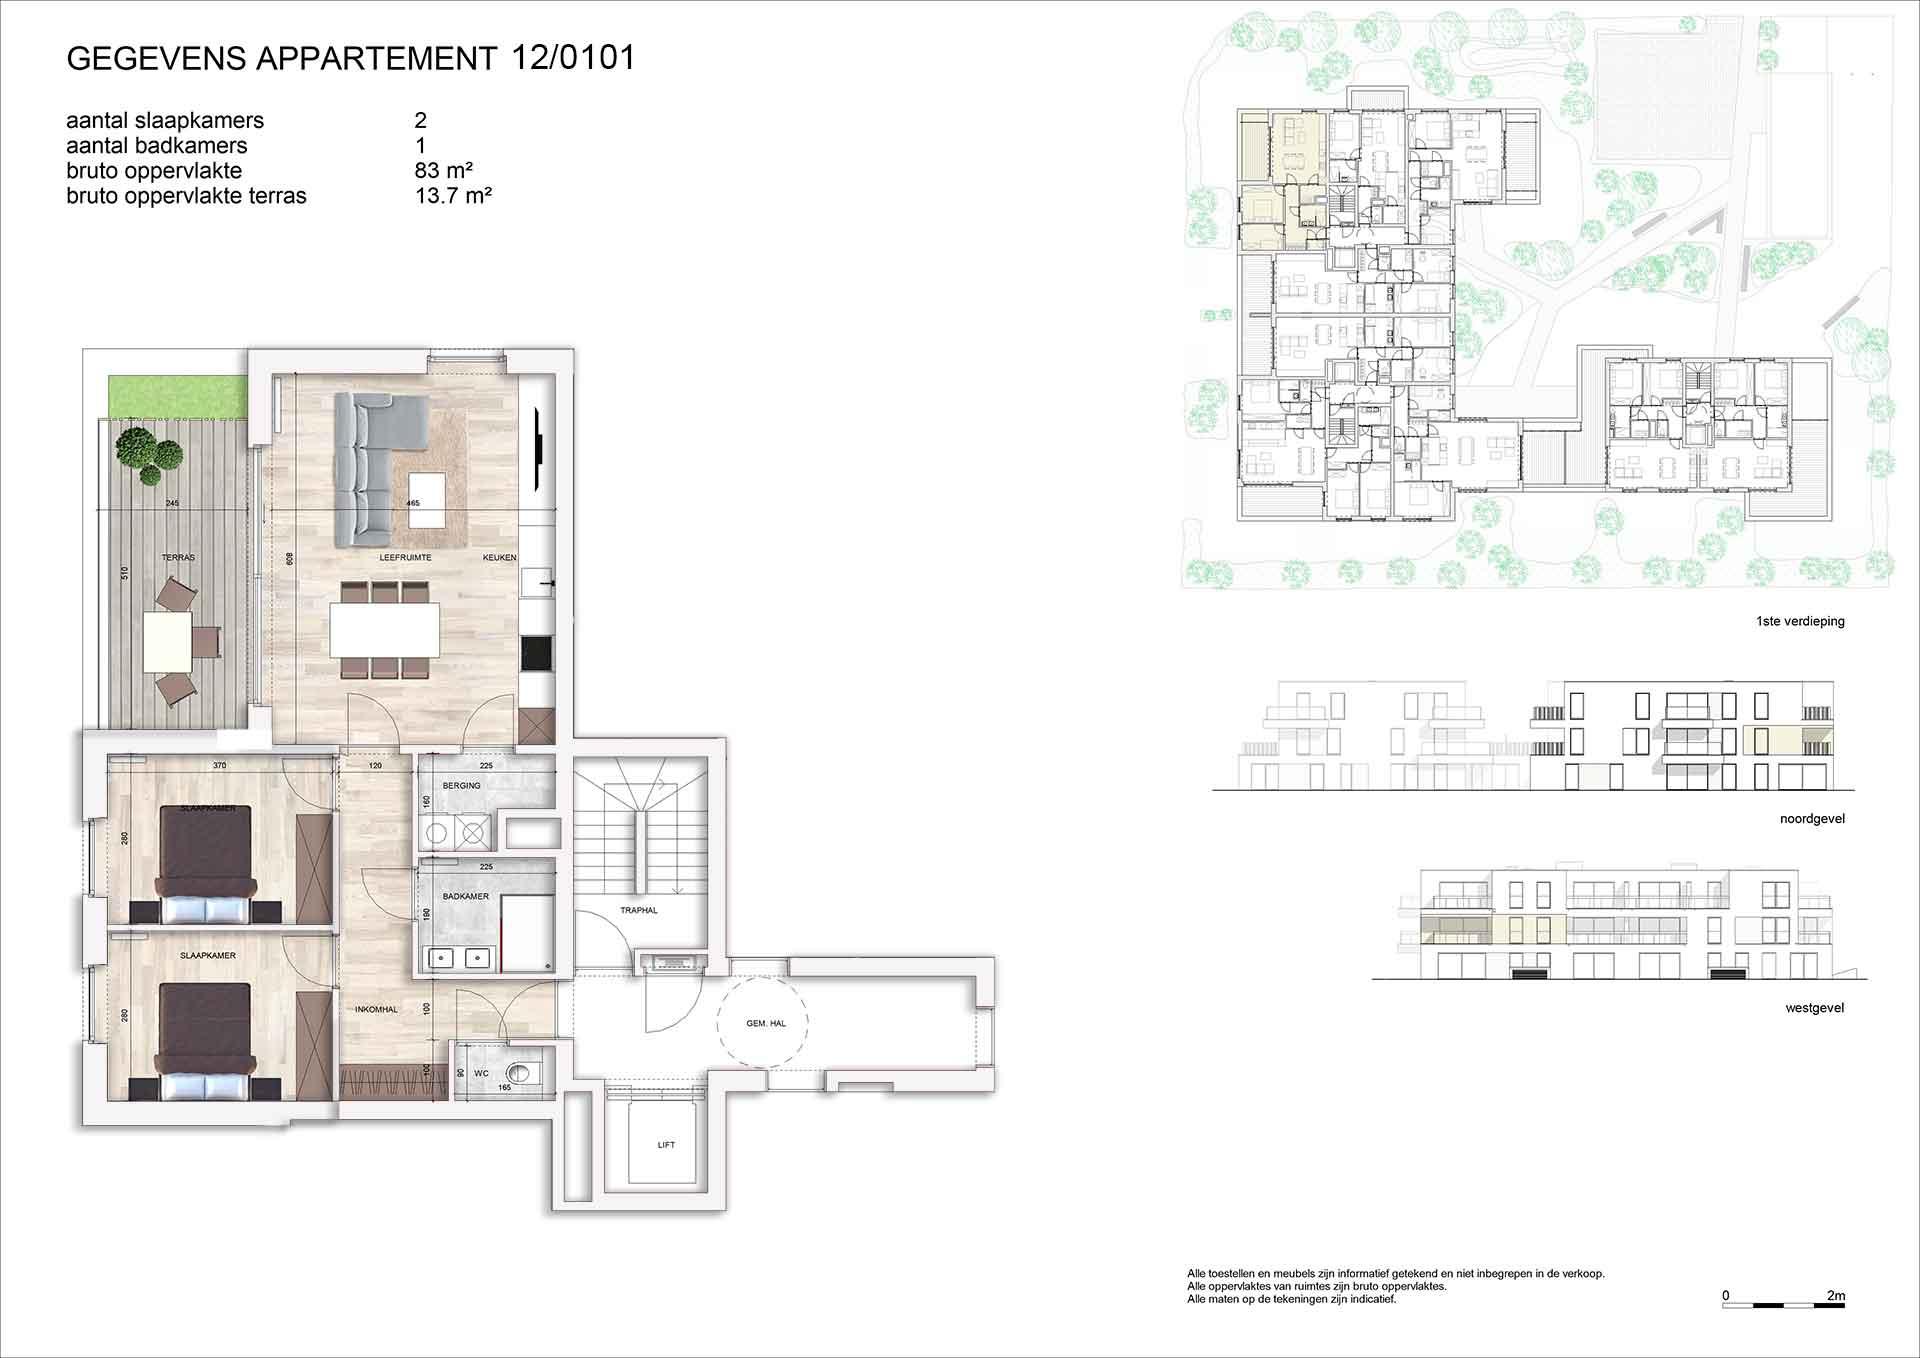 Villa<br/> Duchamp - image appartement-te-koop-nieuwpoort-villa-duchamp-120101 on https://hoprom.be